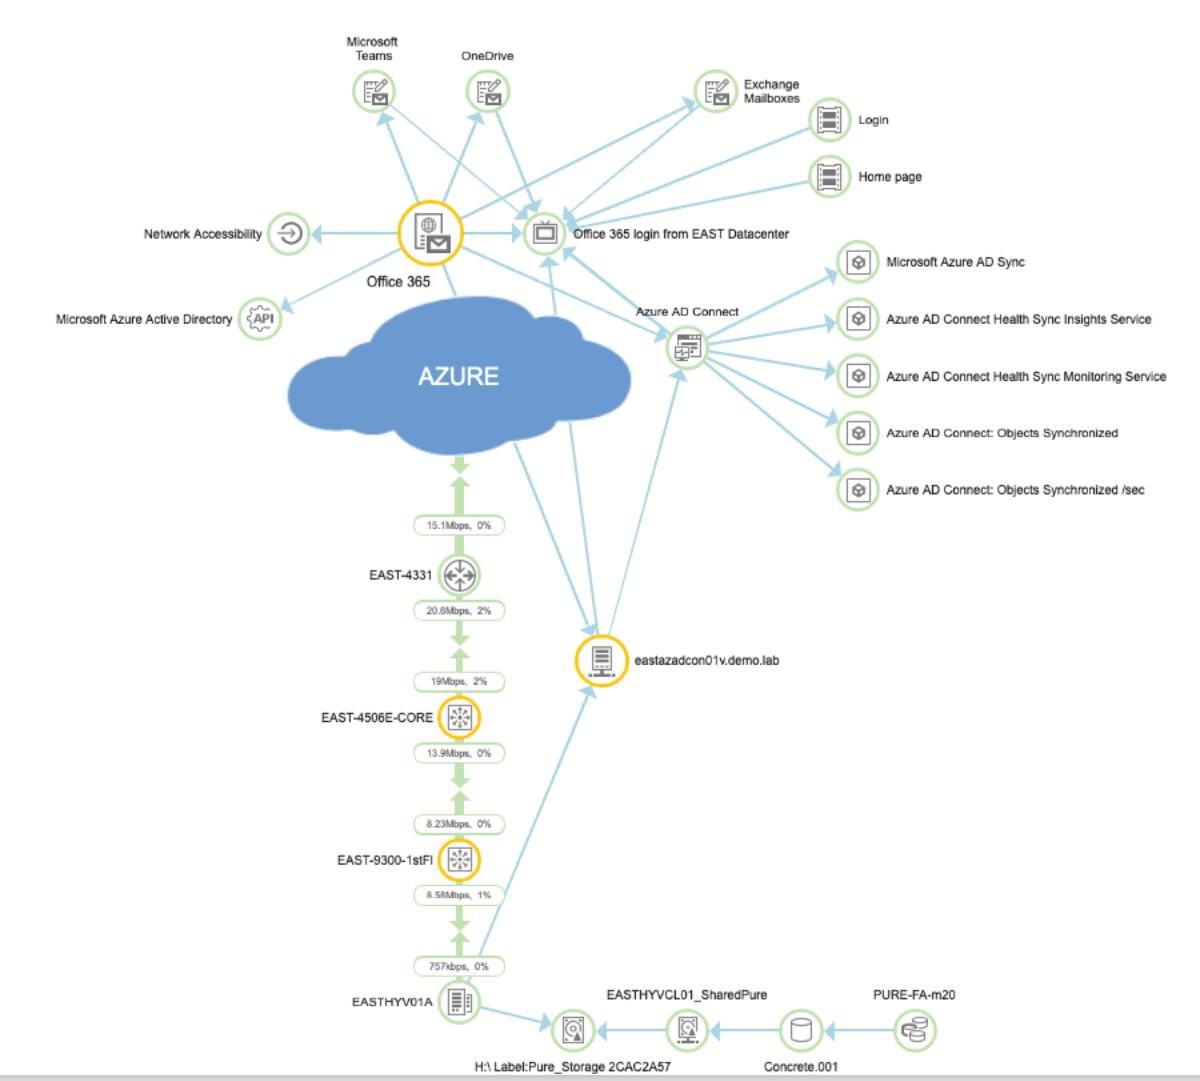 E-dea Networks, Comercio Electrónico